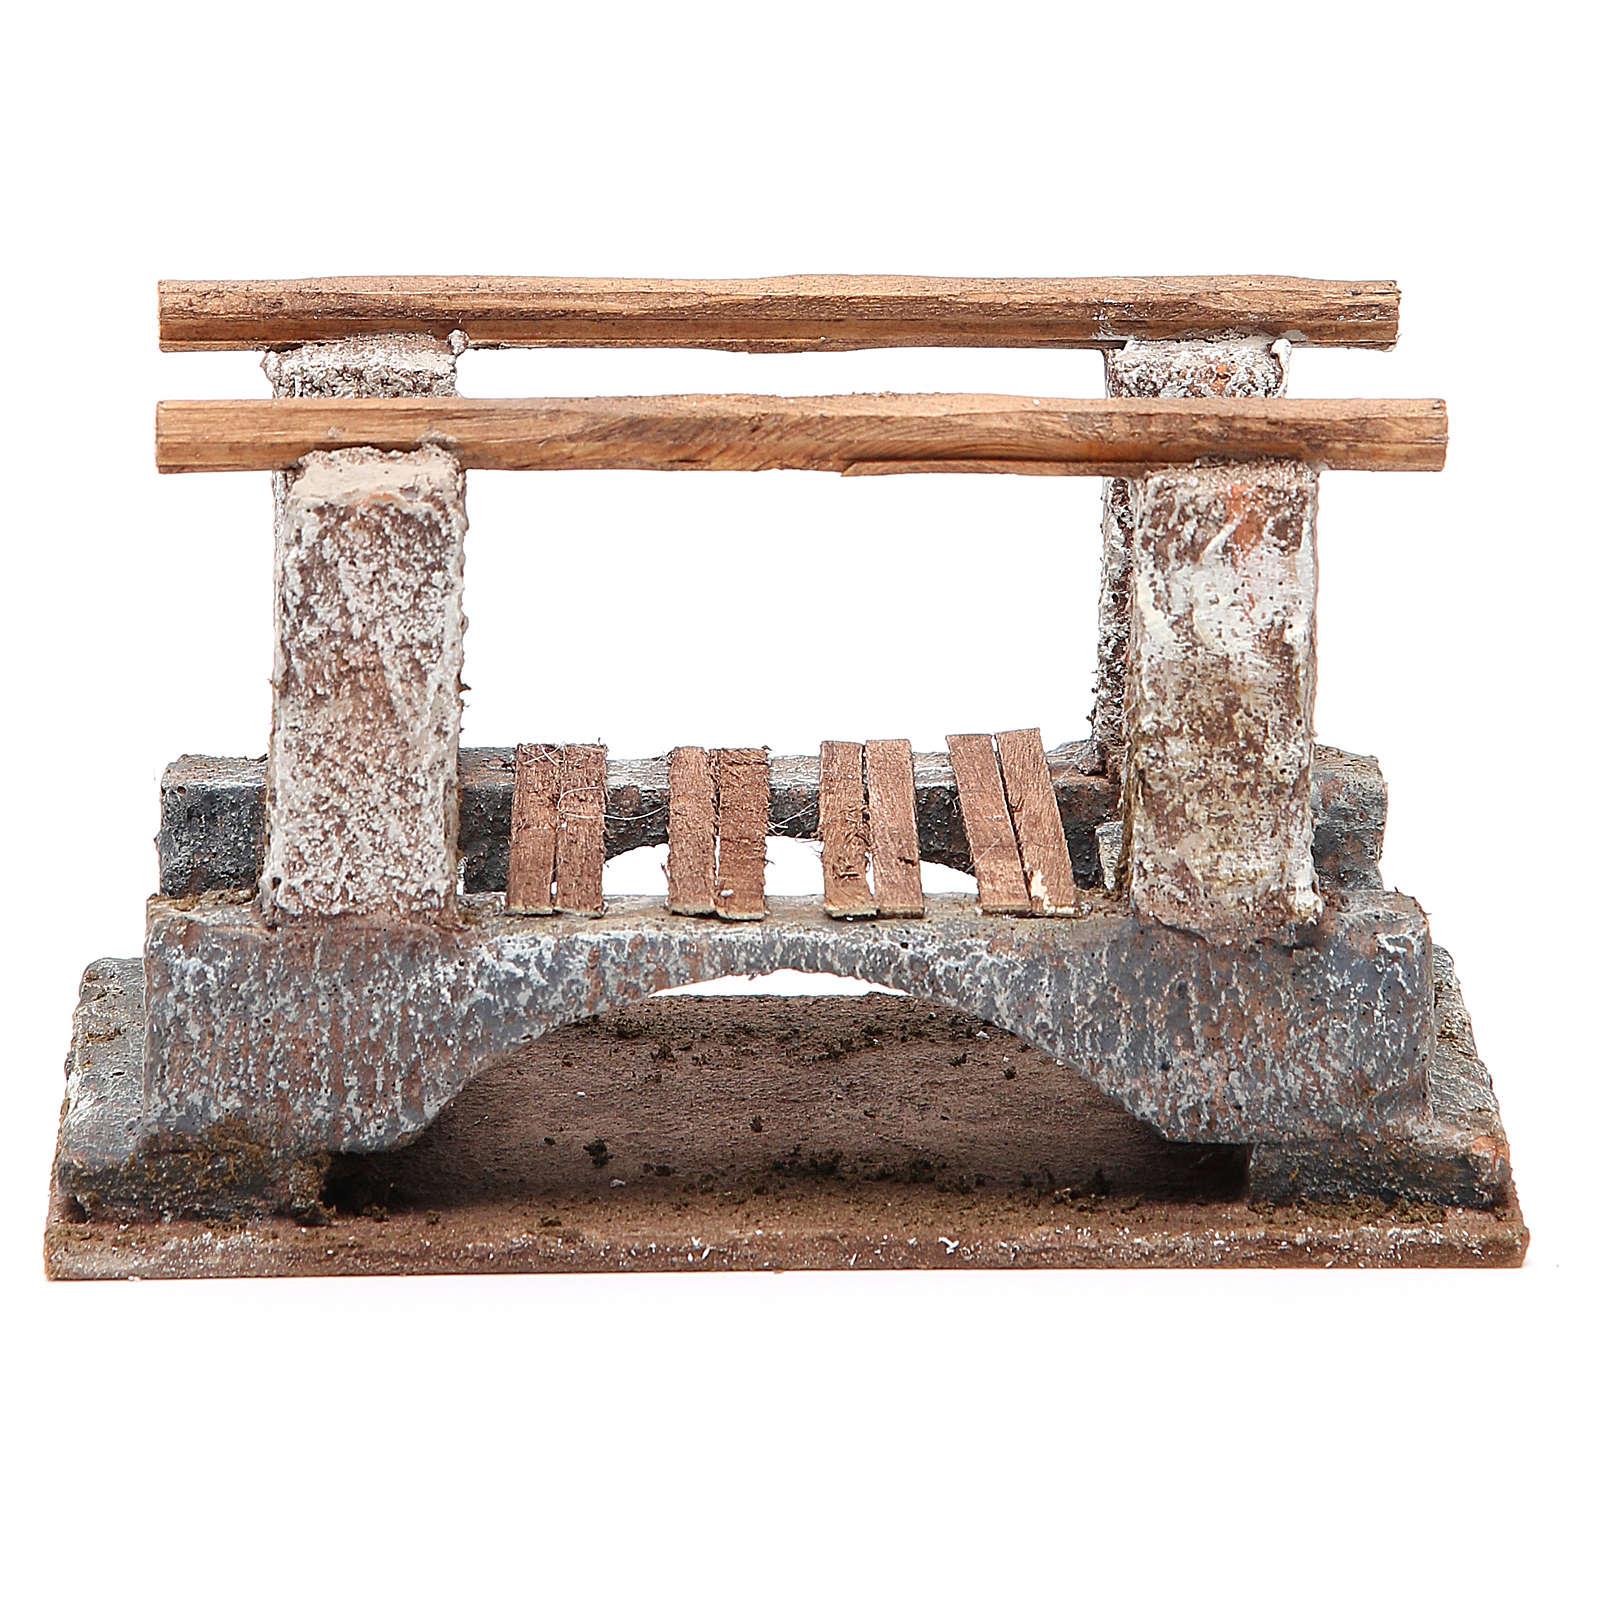 Ponte presepe con parapetto legno 10x18x11 presepe 12 cm 4